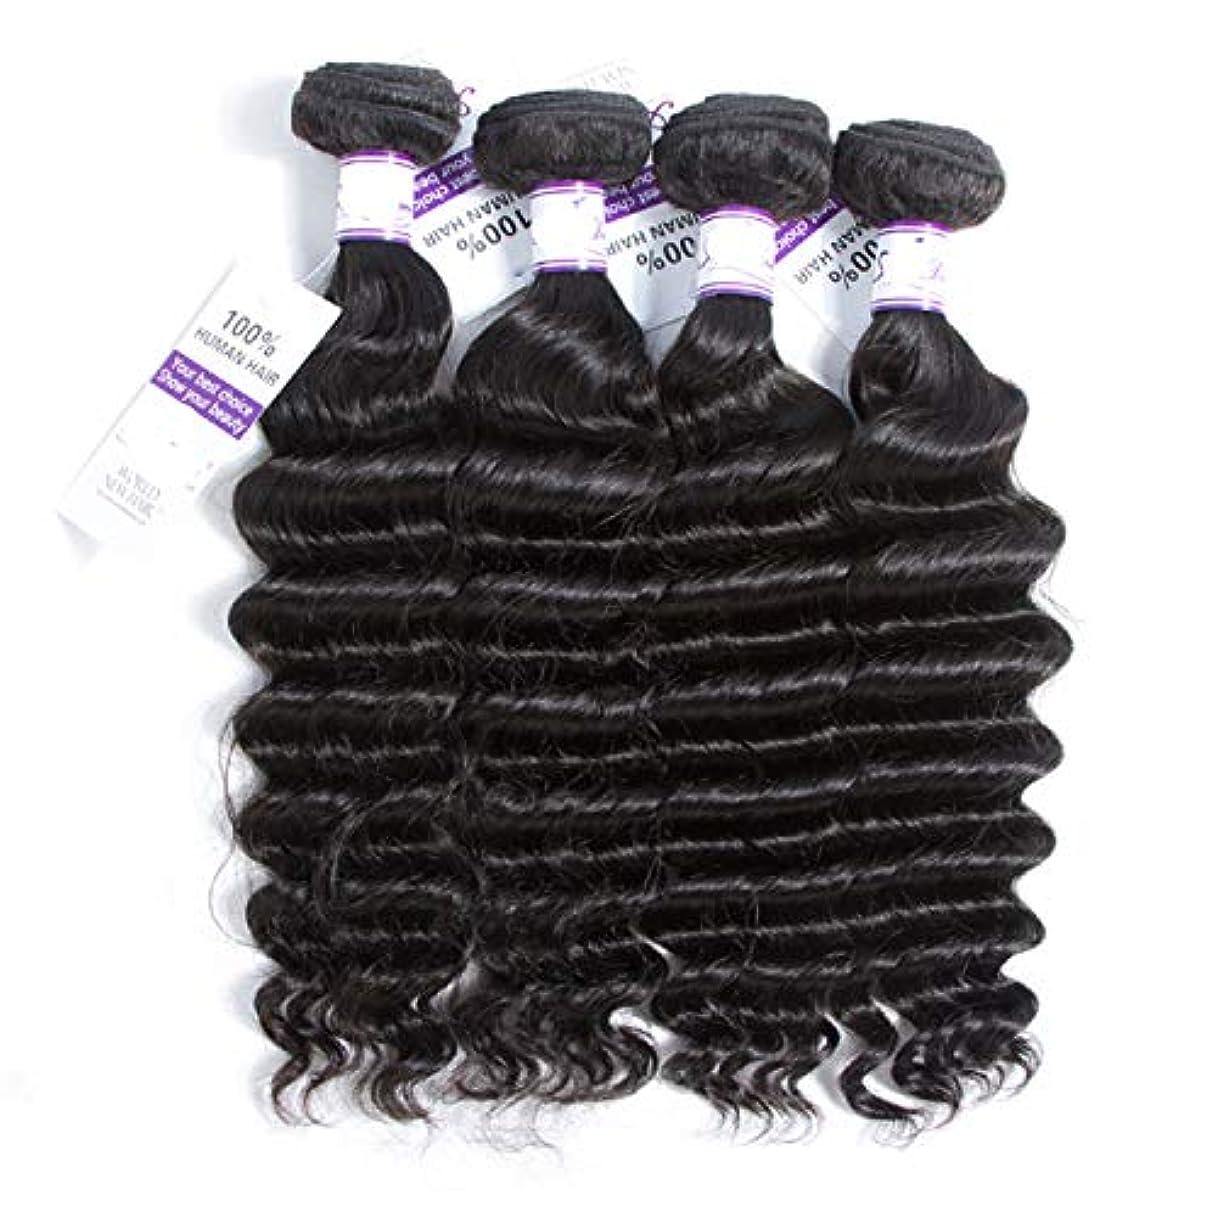 赤動詞浜辺ブラジルルースウェーブヘアー人間の髪の毛の束非レミーの毛延長ナチュラルブラック4個 (Length : 22 24 26 28)